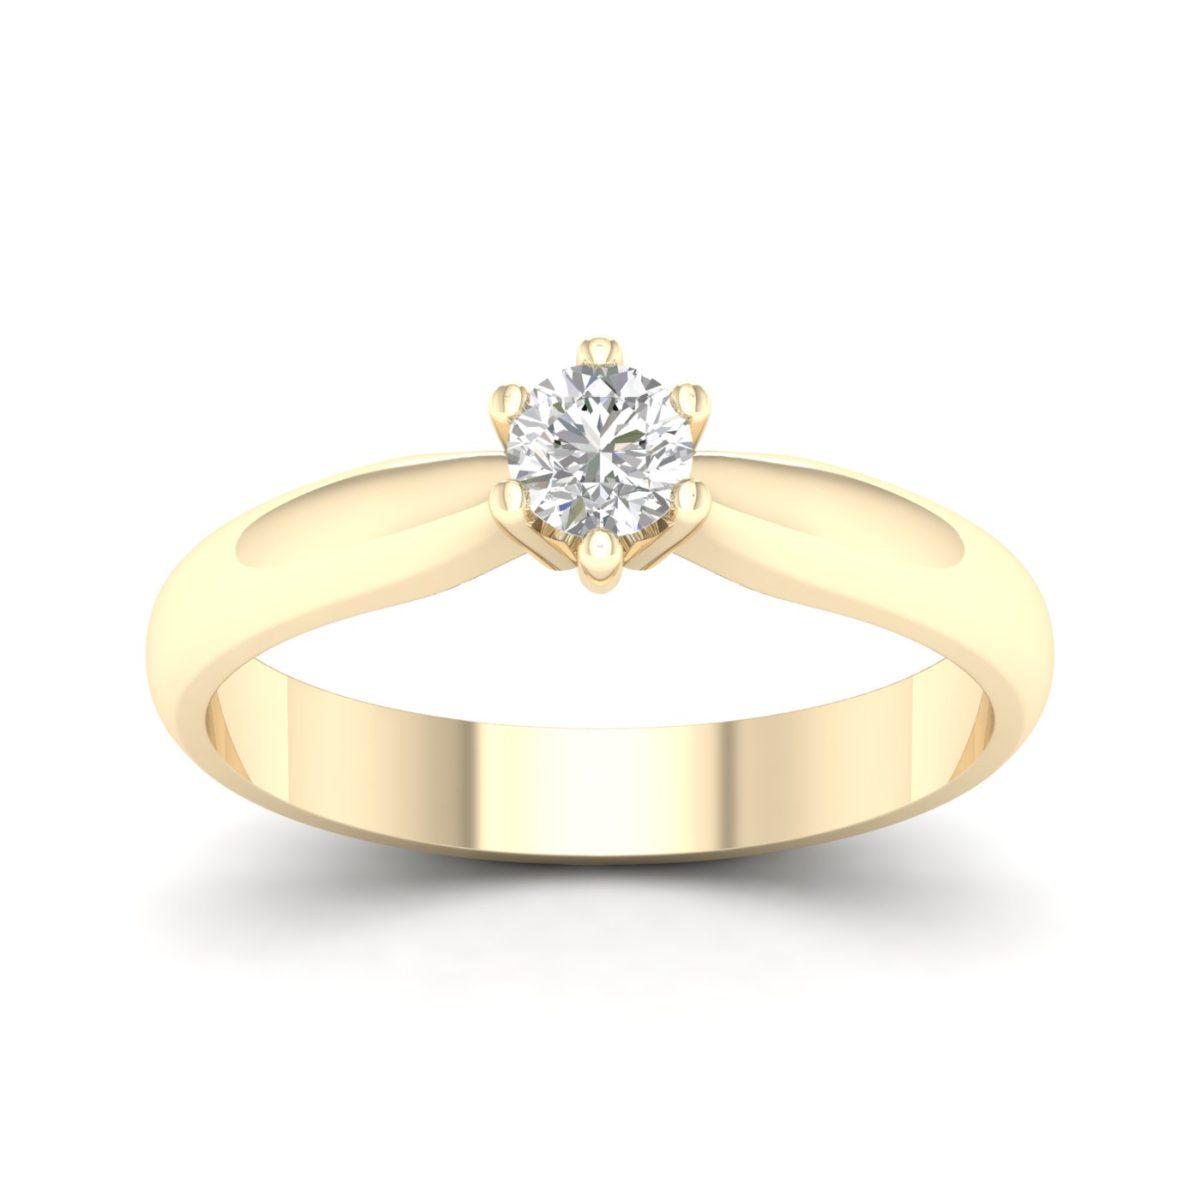 Kullast sõrmus teemantiga 0,20 ct. Kood: 39hb